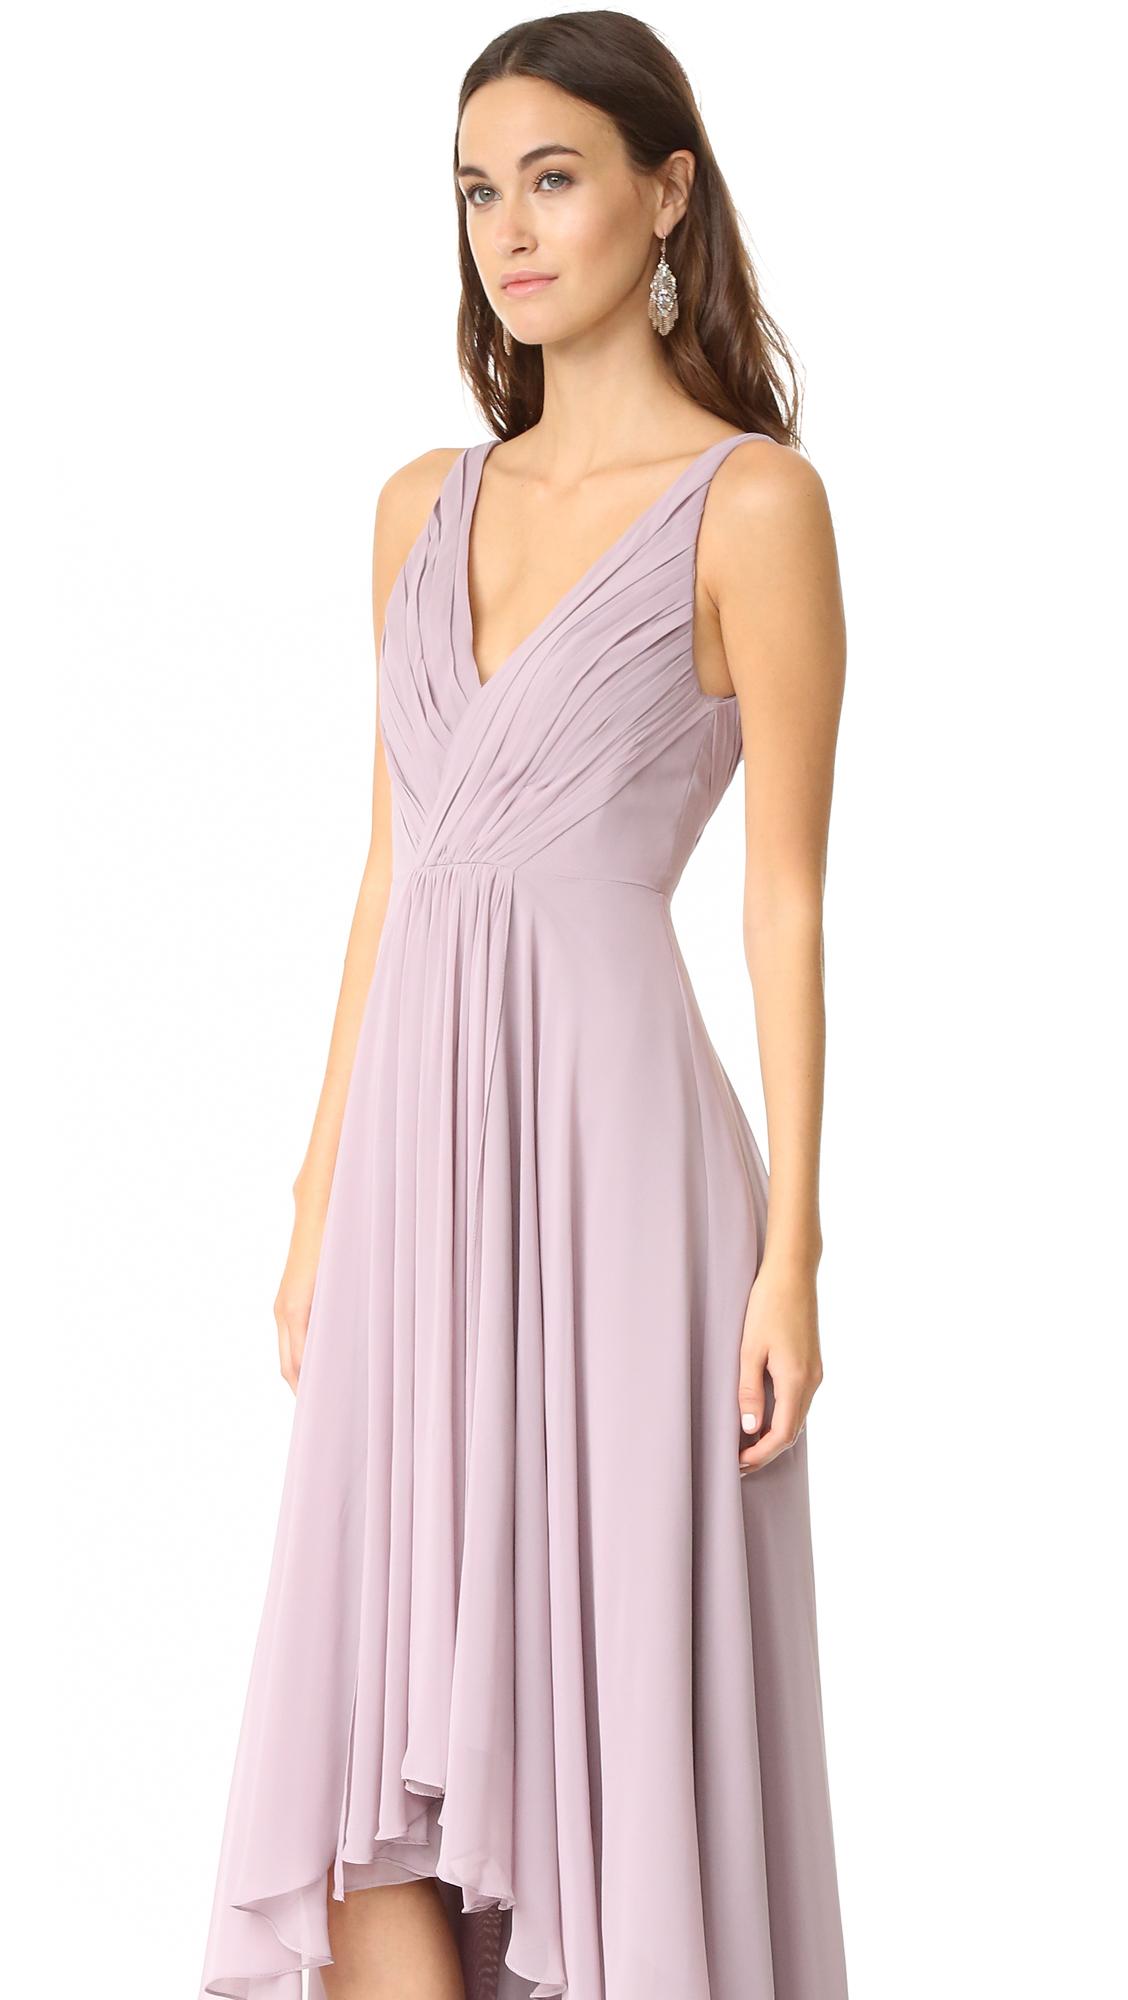 Monique Lhuillier Bridesmaids High Low Chiffon Gown | SHOPBOP